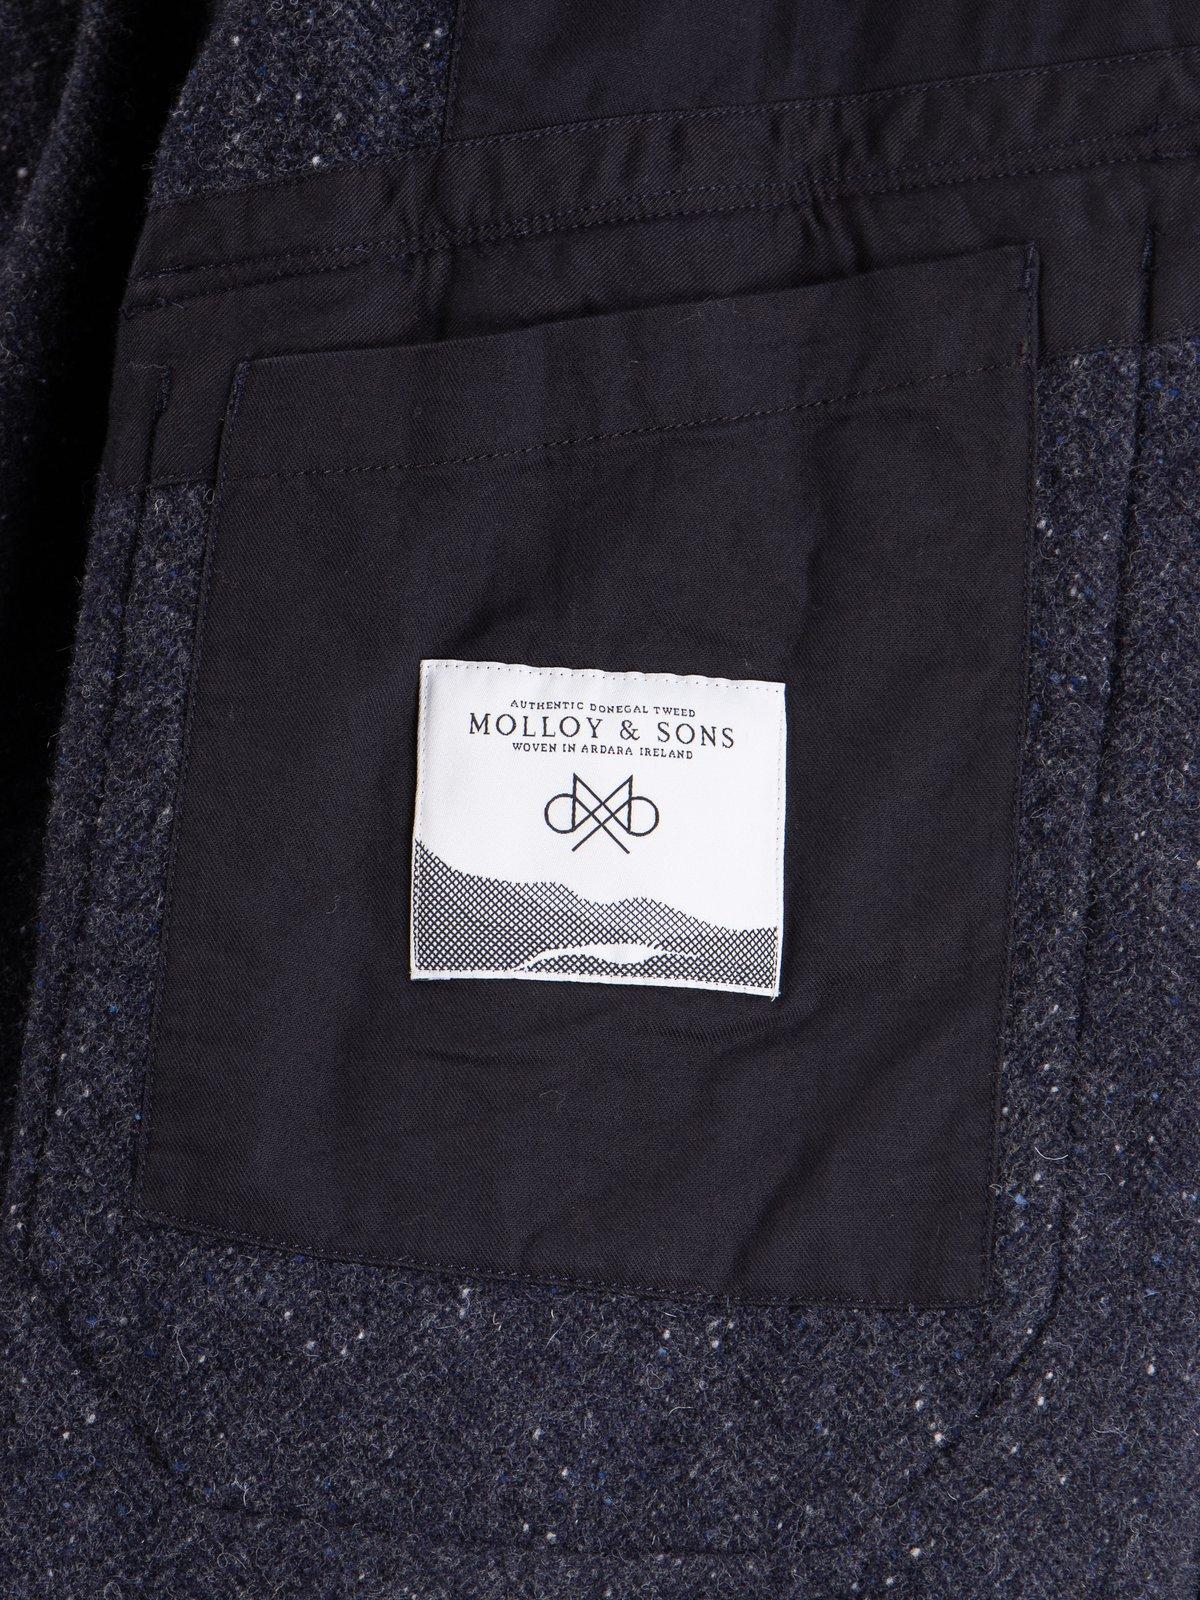 Navy Herringbone Donegal Wool Tweed Madison Parka - Image 10